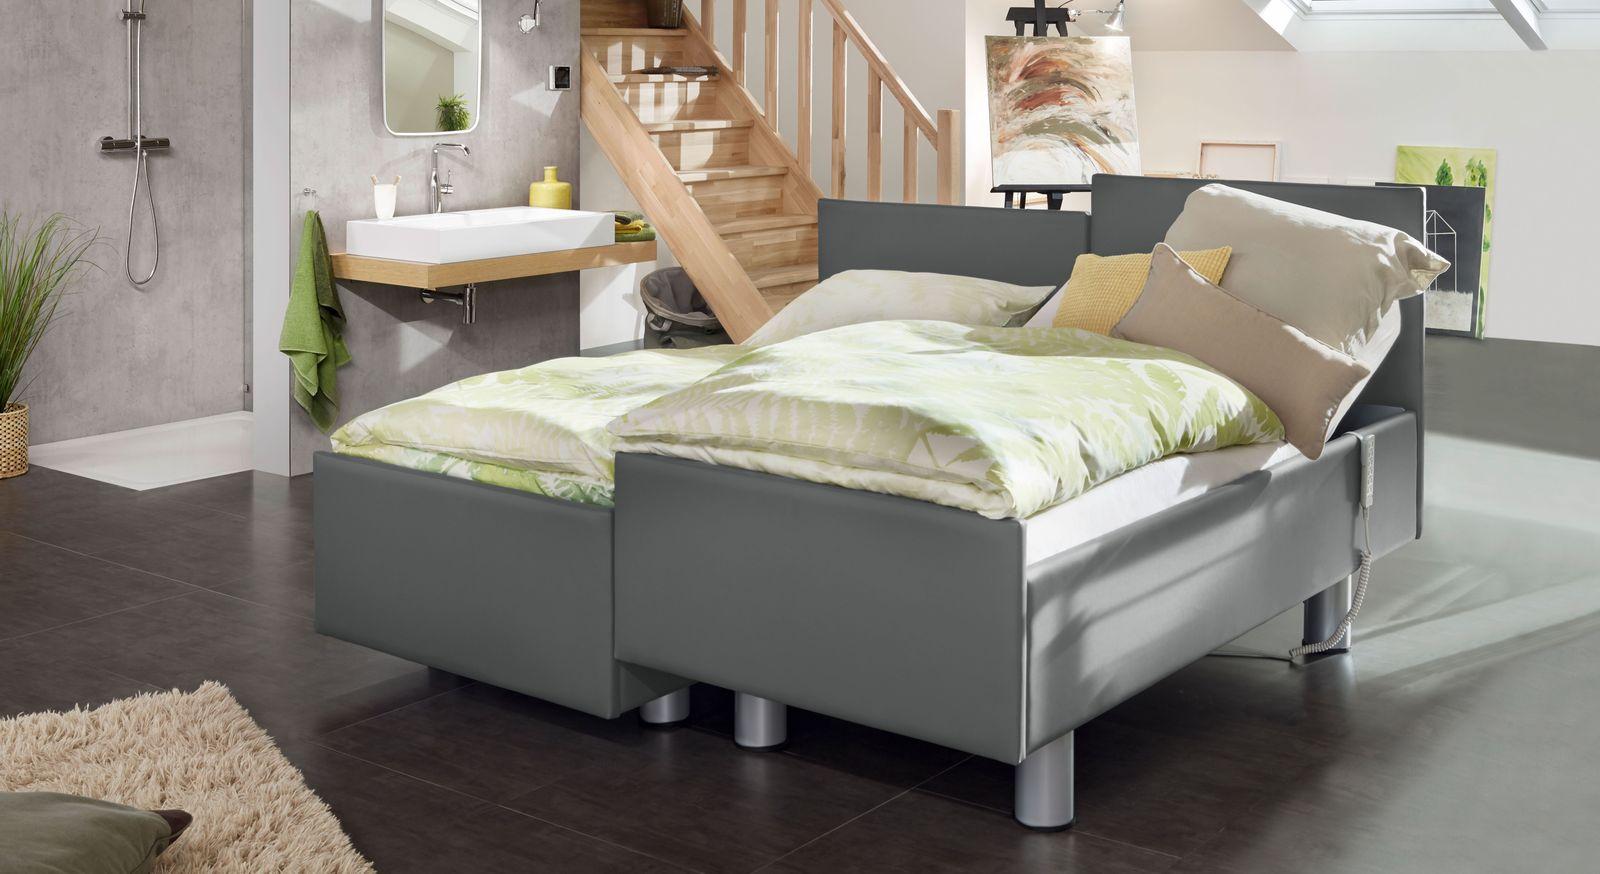 Komfortbett mit Pflegebett-Funktion Fulda mit passenden Matratzen